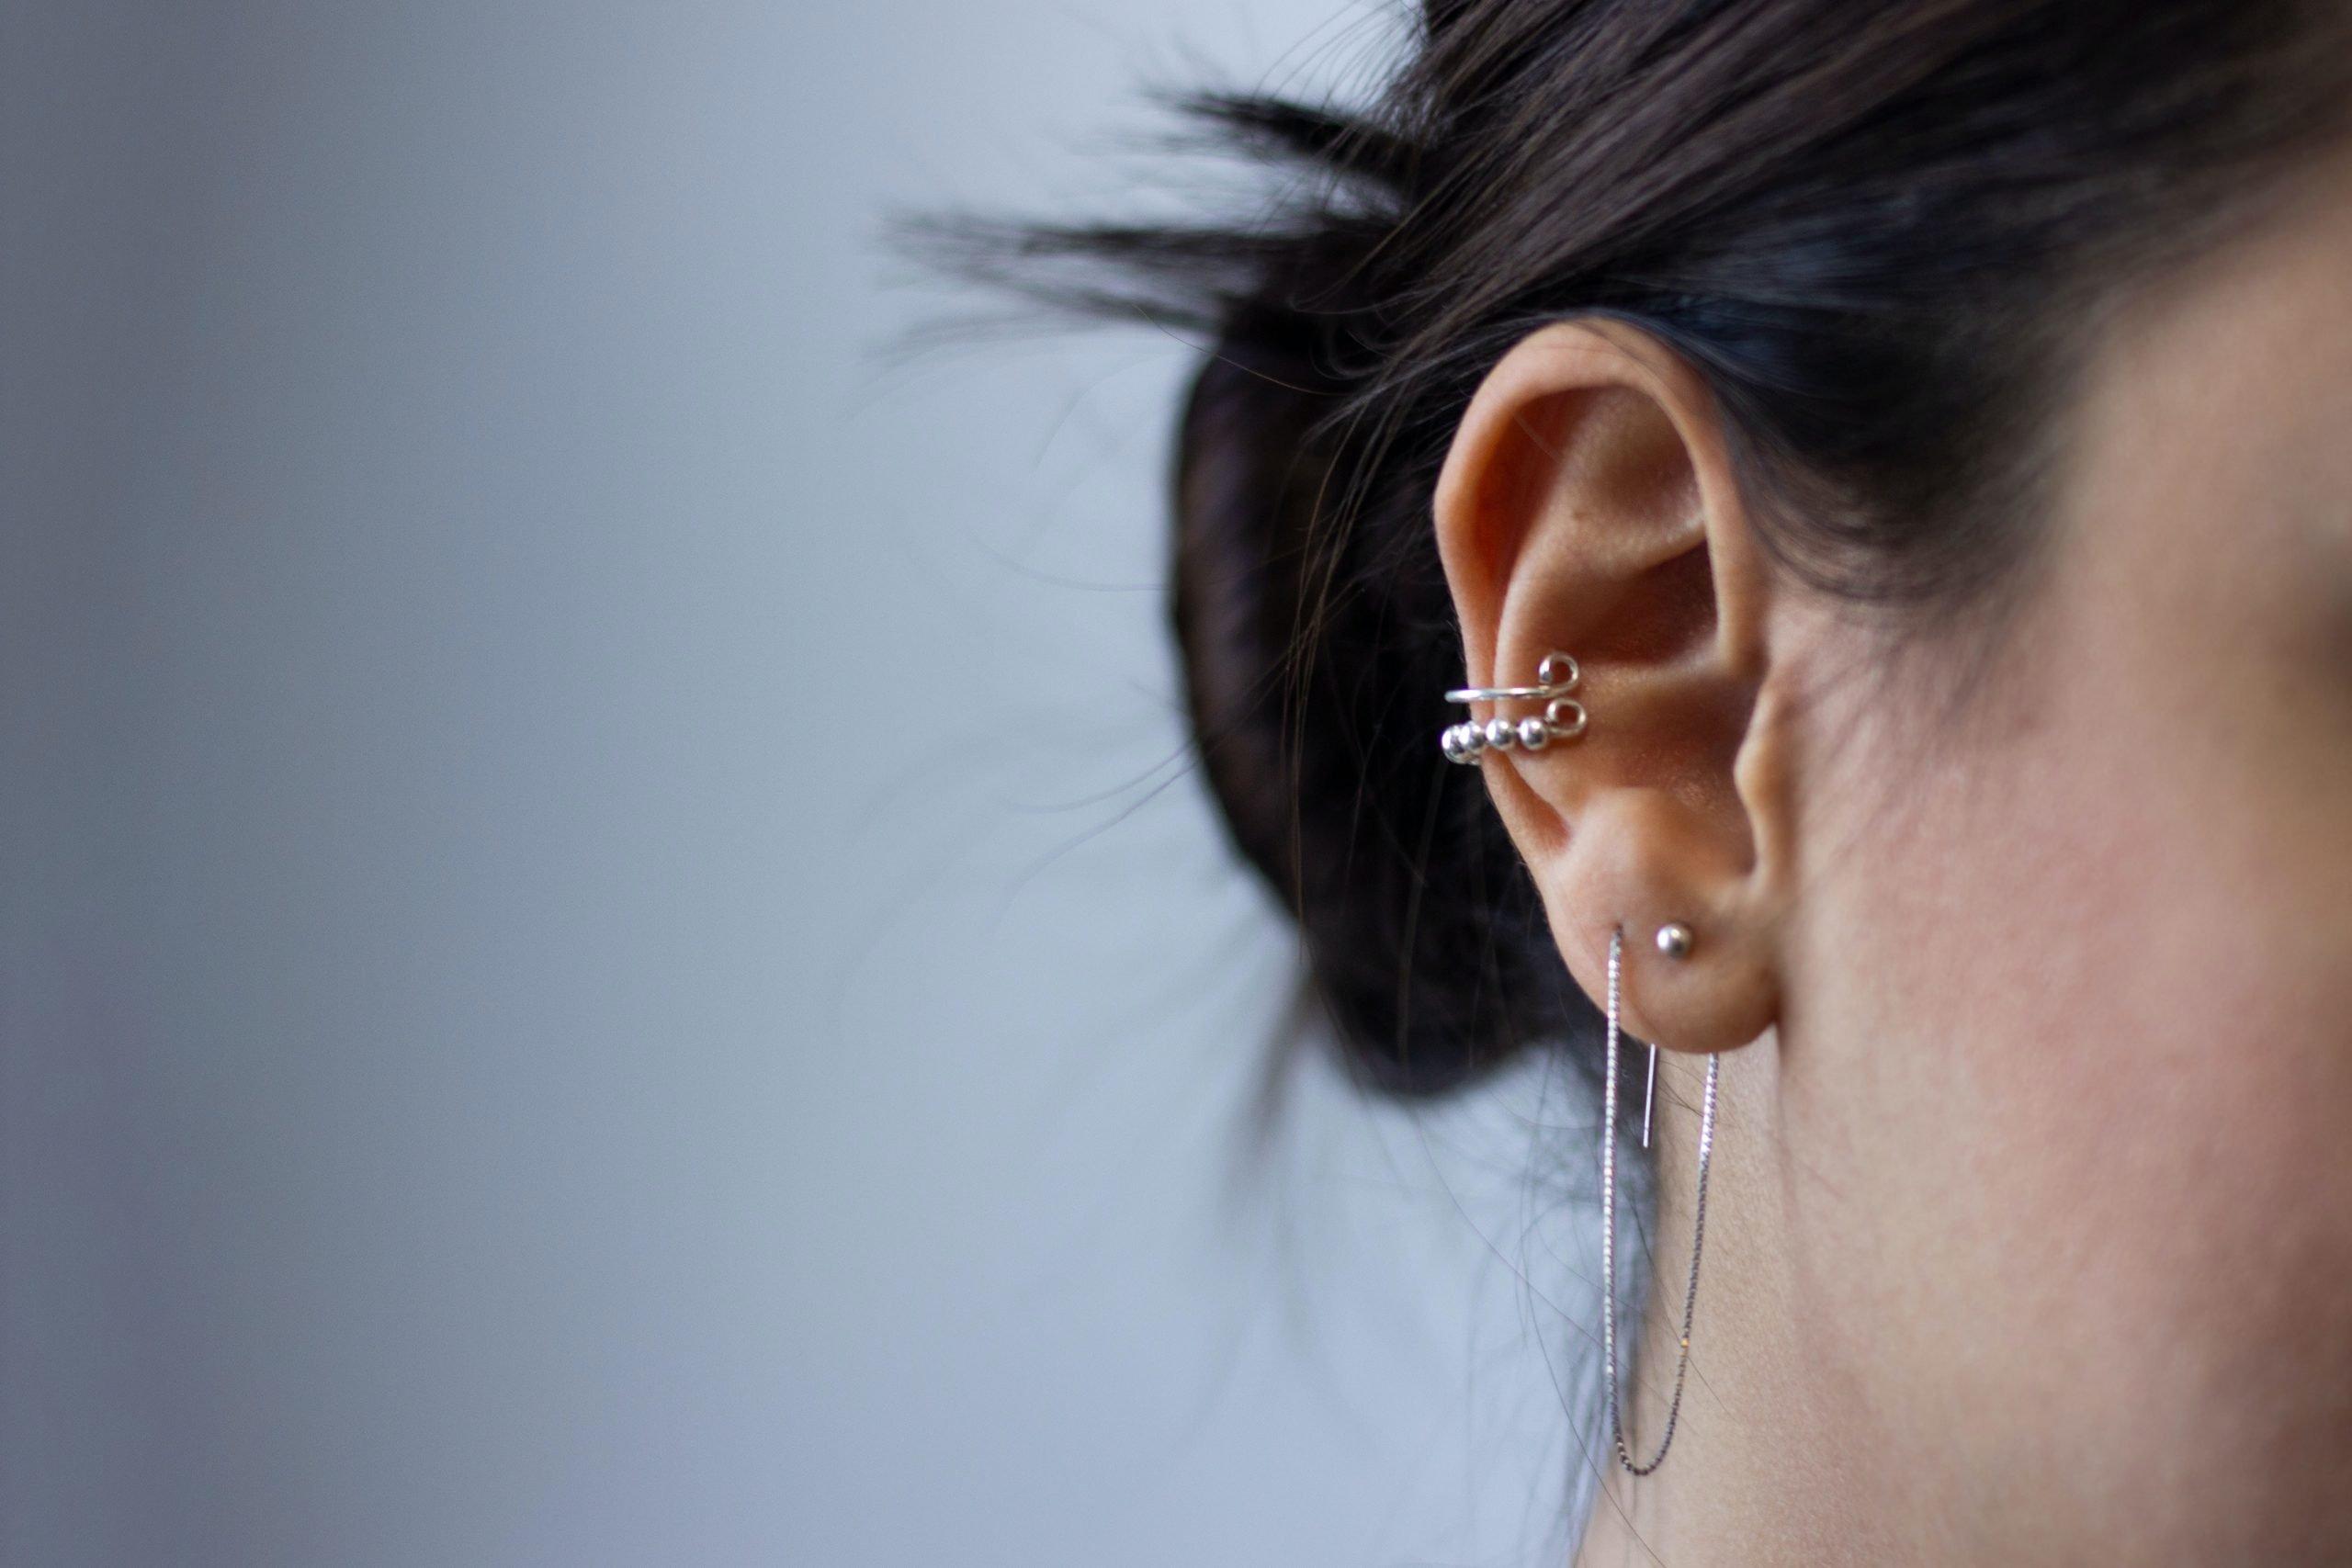 3 Coolest Types of Ear Piercings